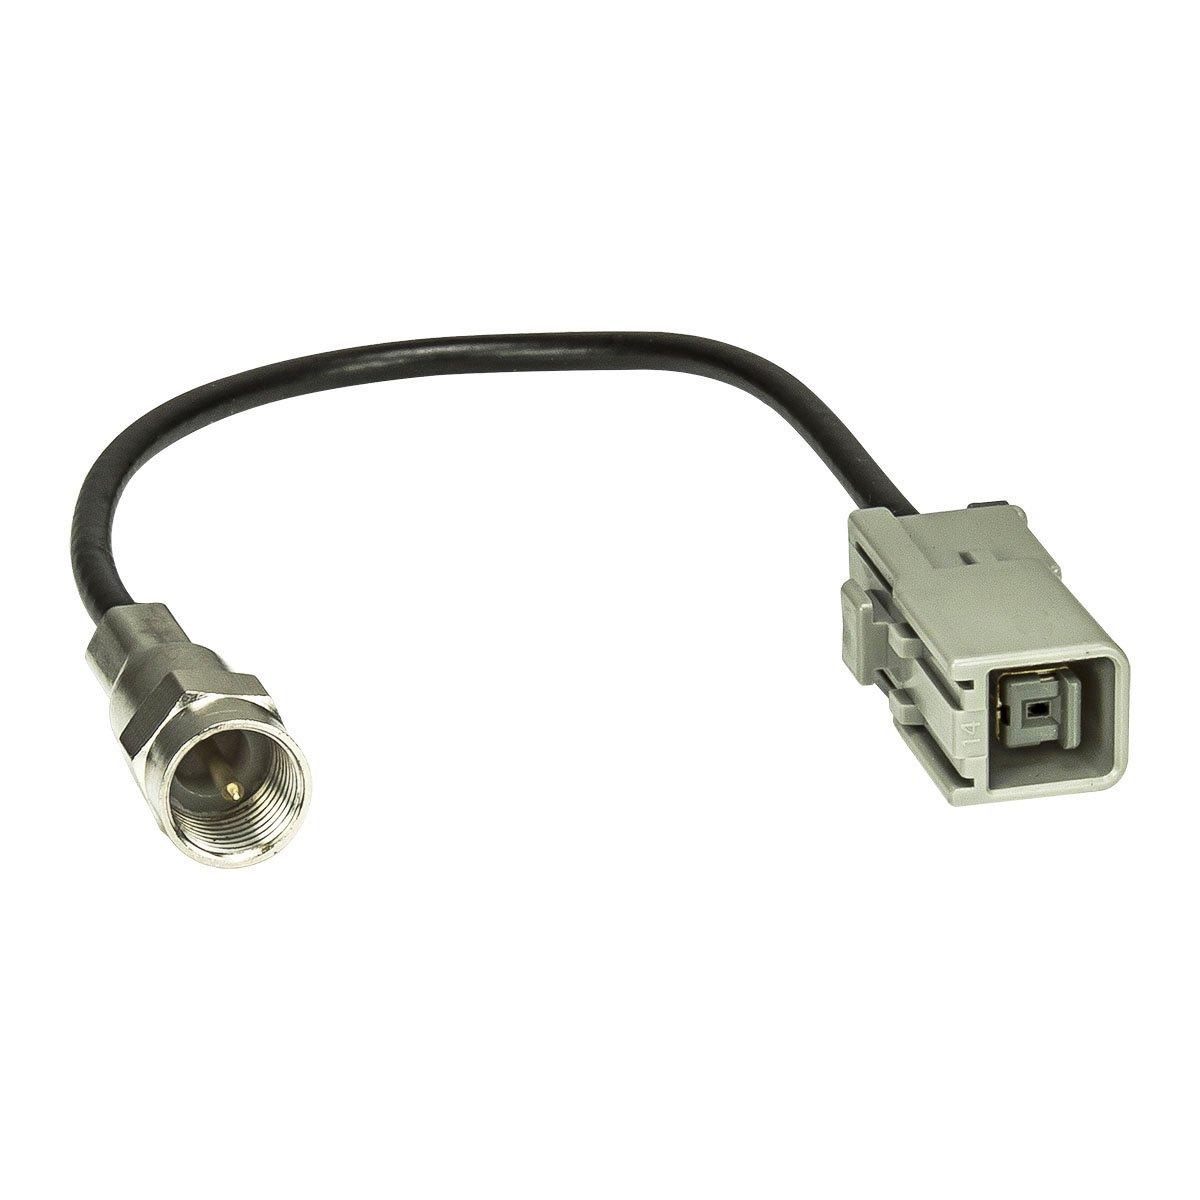 M Stecker f/ür Alpine Clarion Kenwood F tomzz Audio /® 1500-011 GPS Antennen Adapter GT5 Buchse auf FME